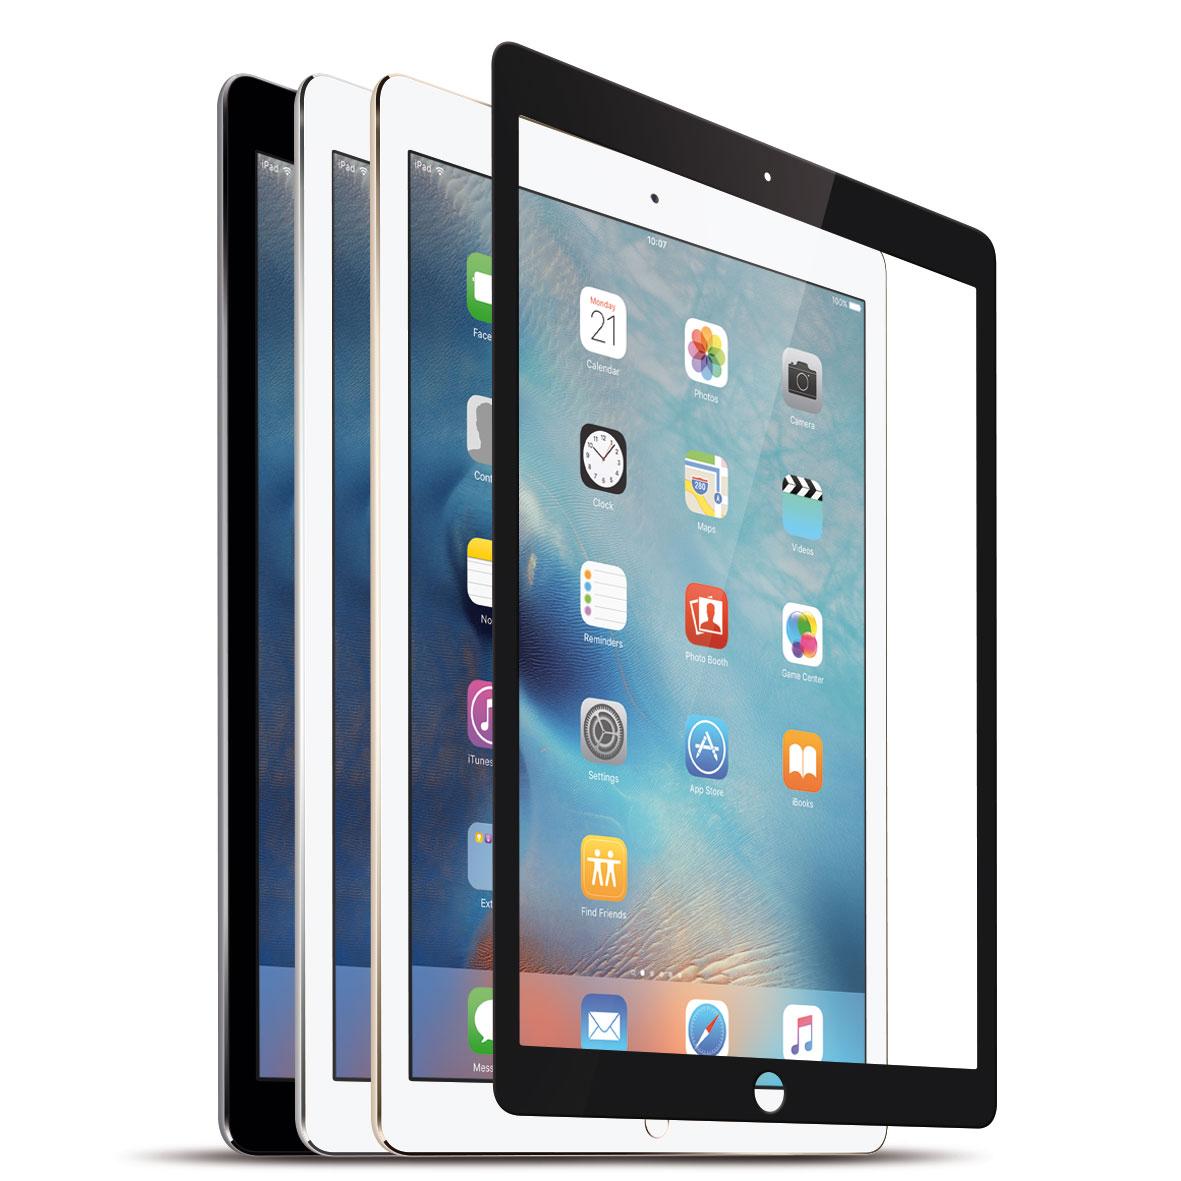 """KMP Protective Glass Schutzfolie für iPad Air, Air 2, Pro 9,7"""", black"""